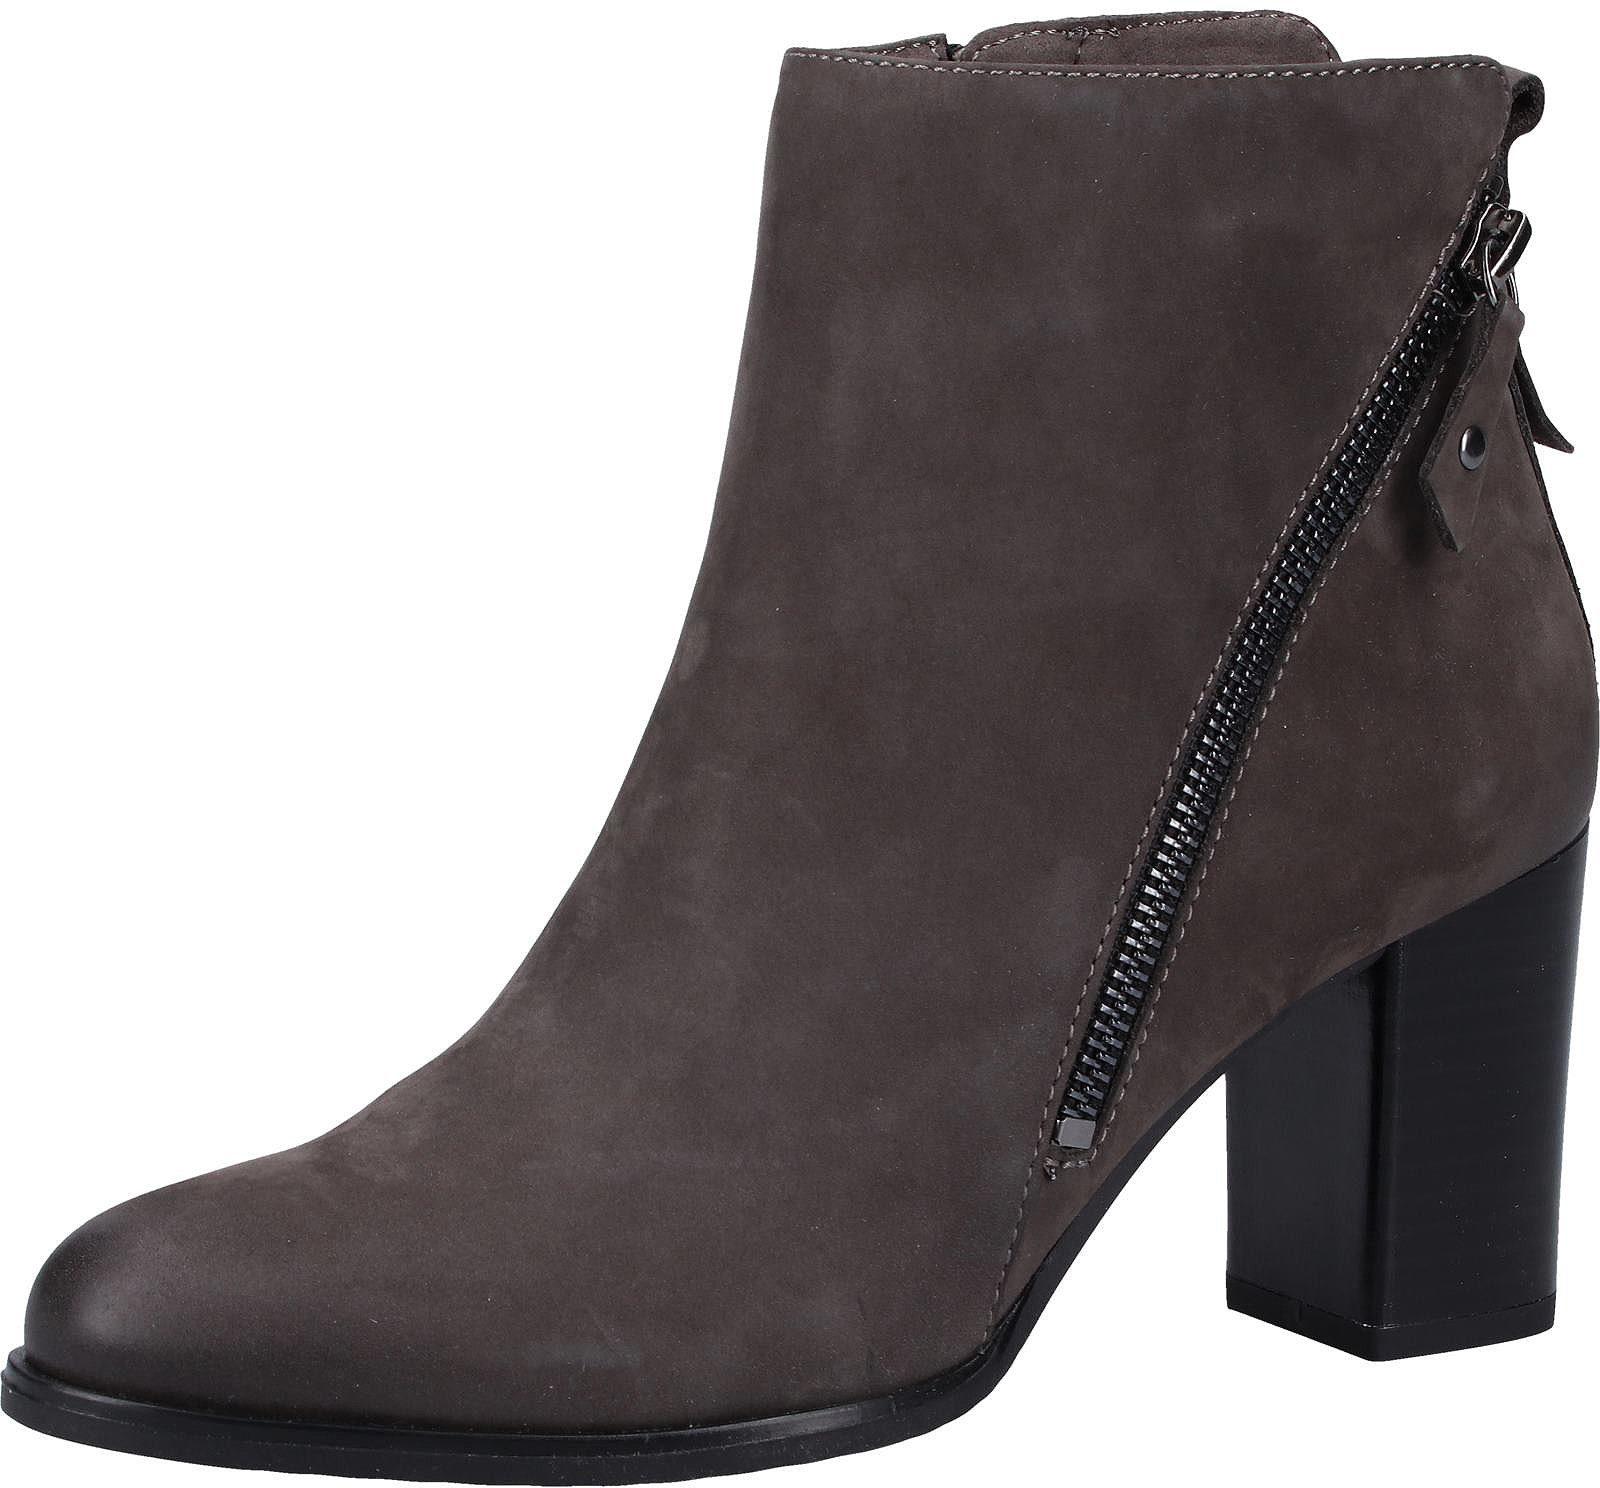 Caprice JOEH Klassische Stiefeletten, Obermaterial: Leder online kaufen | OTTO